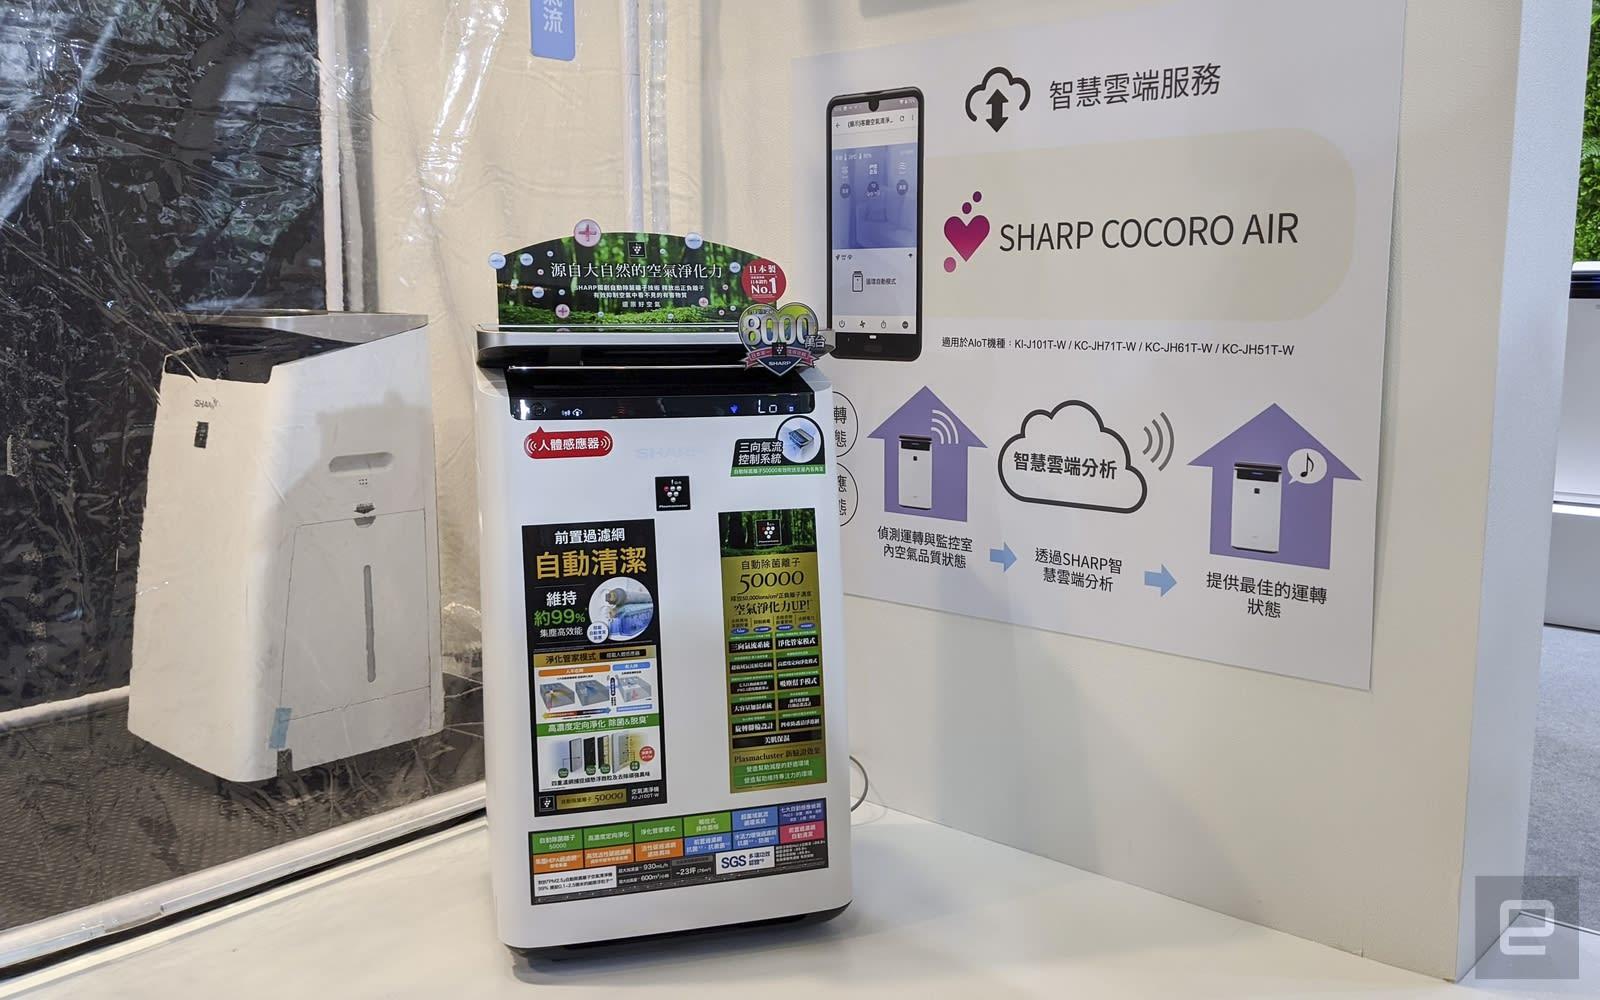 Sharp 2020 product showcase